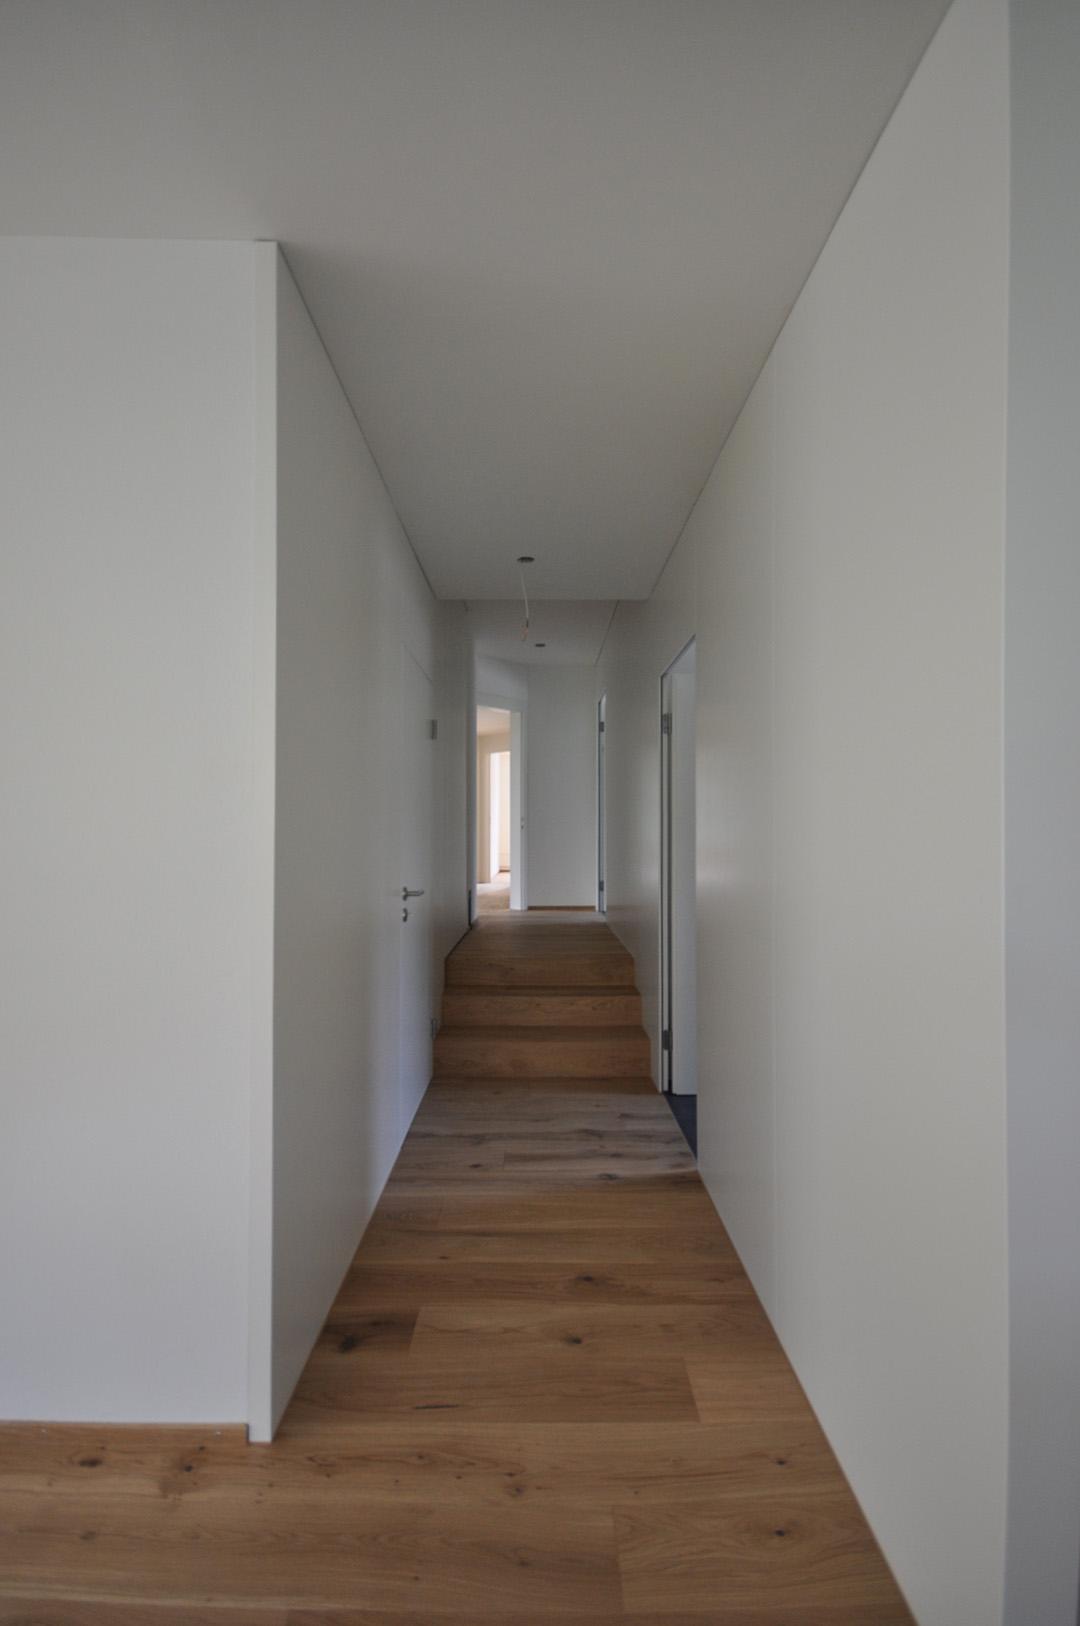 pfarch_Haus_Schürmann_Verbindung_zu_Altbau